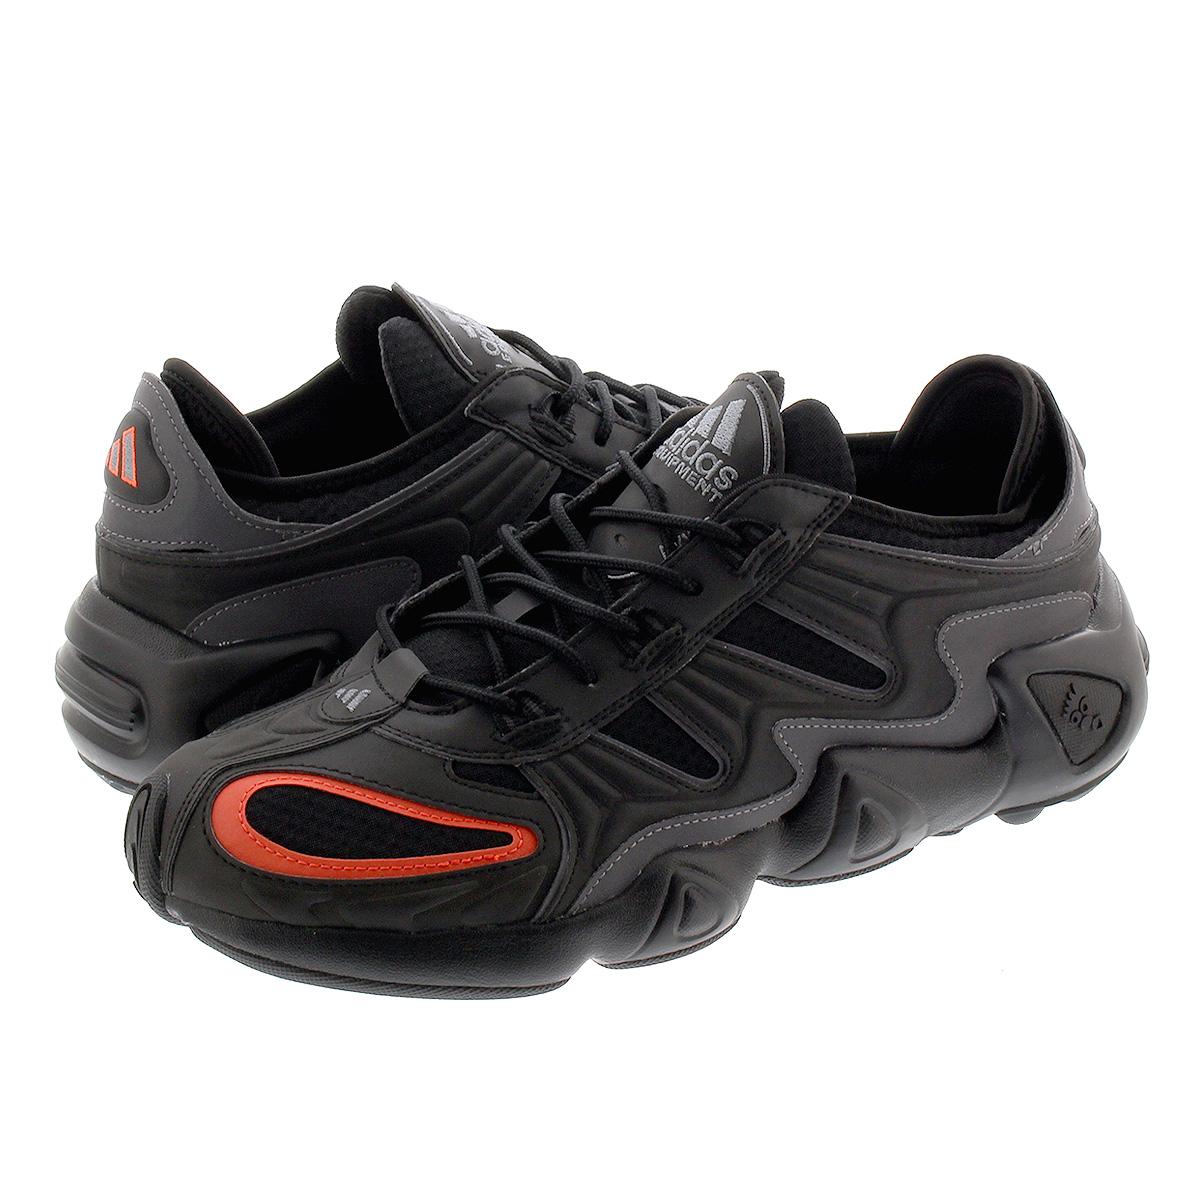 【毎日がお得!値下げプライス】 adidas FYW S-97 アディダス FYW S-97 CORE BLACK/CORE BLACK/SOLAR RED ee5314